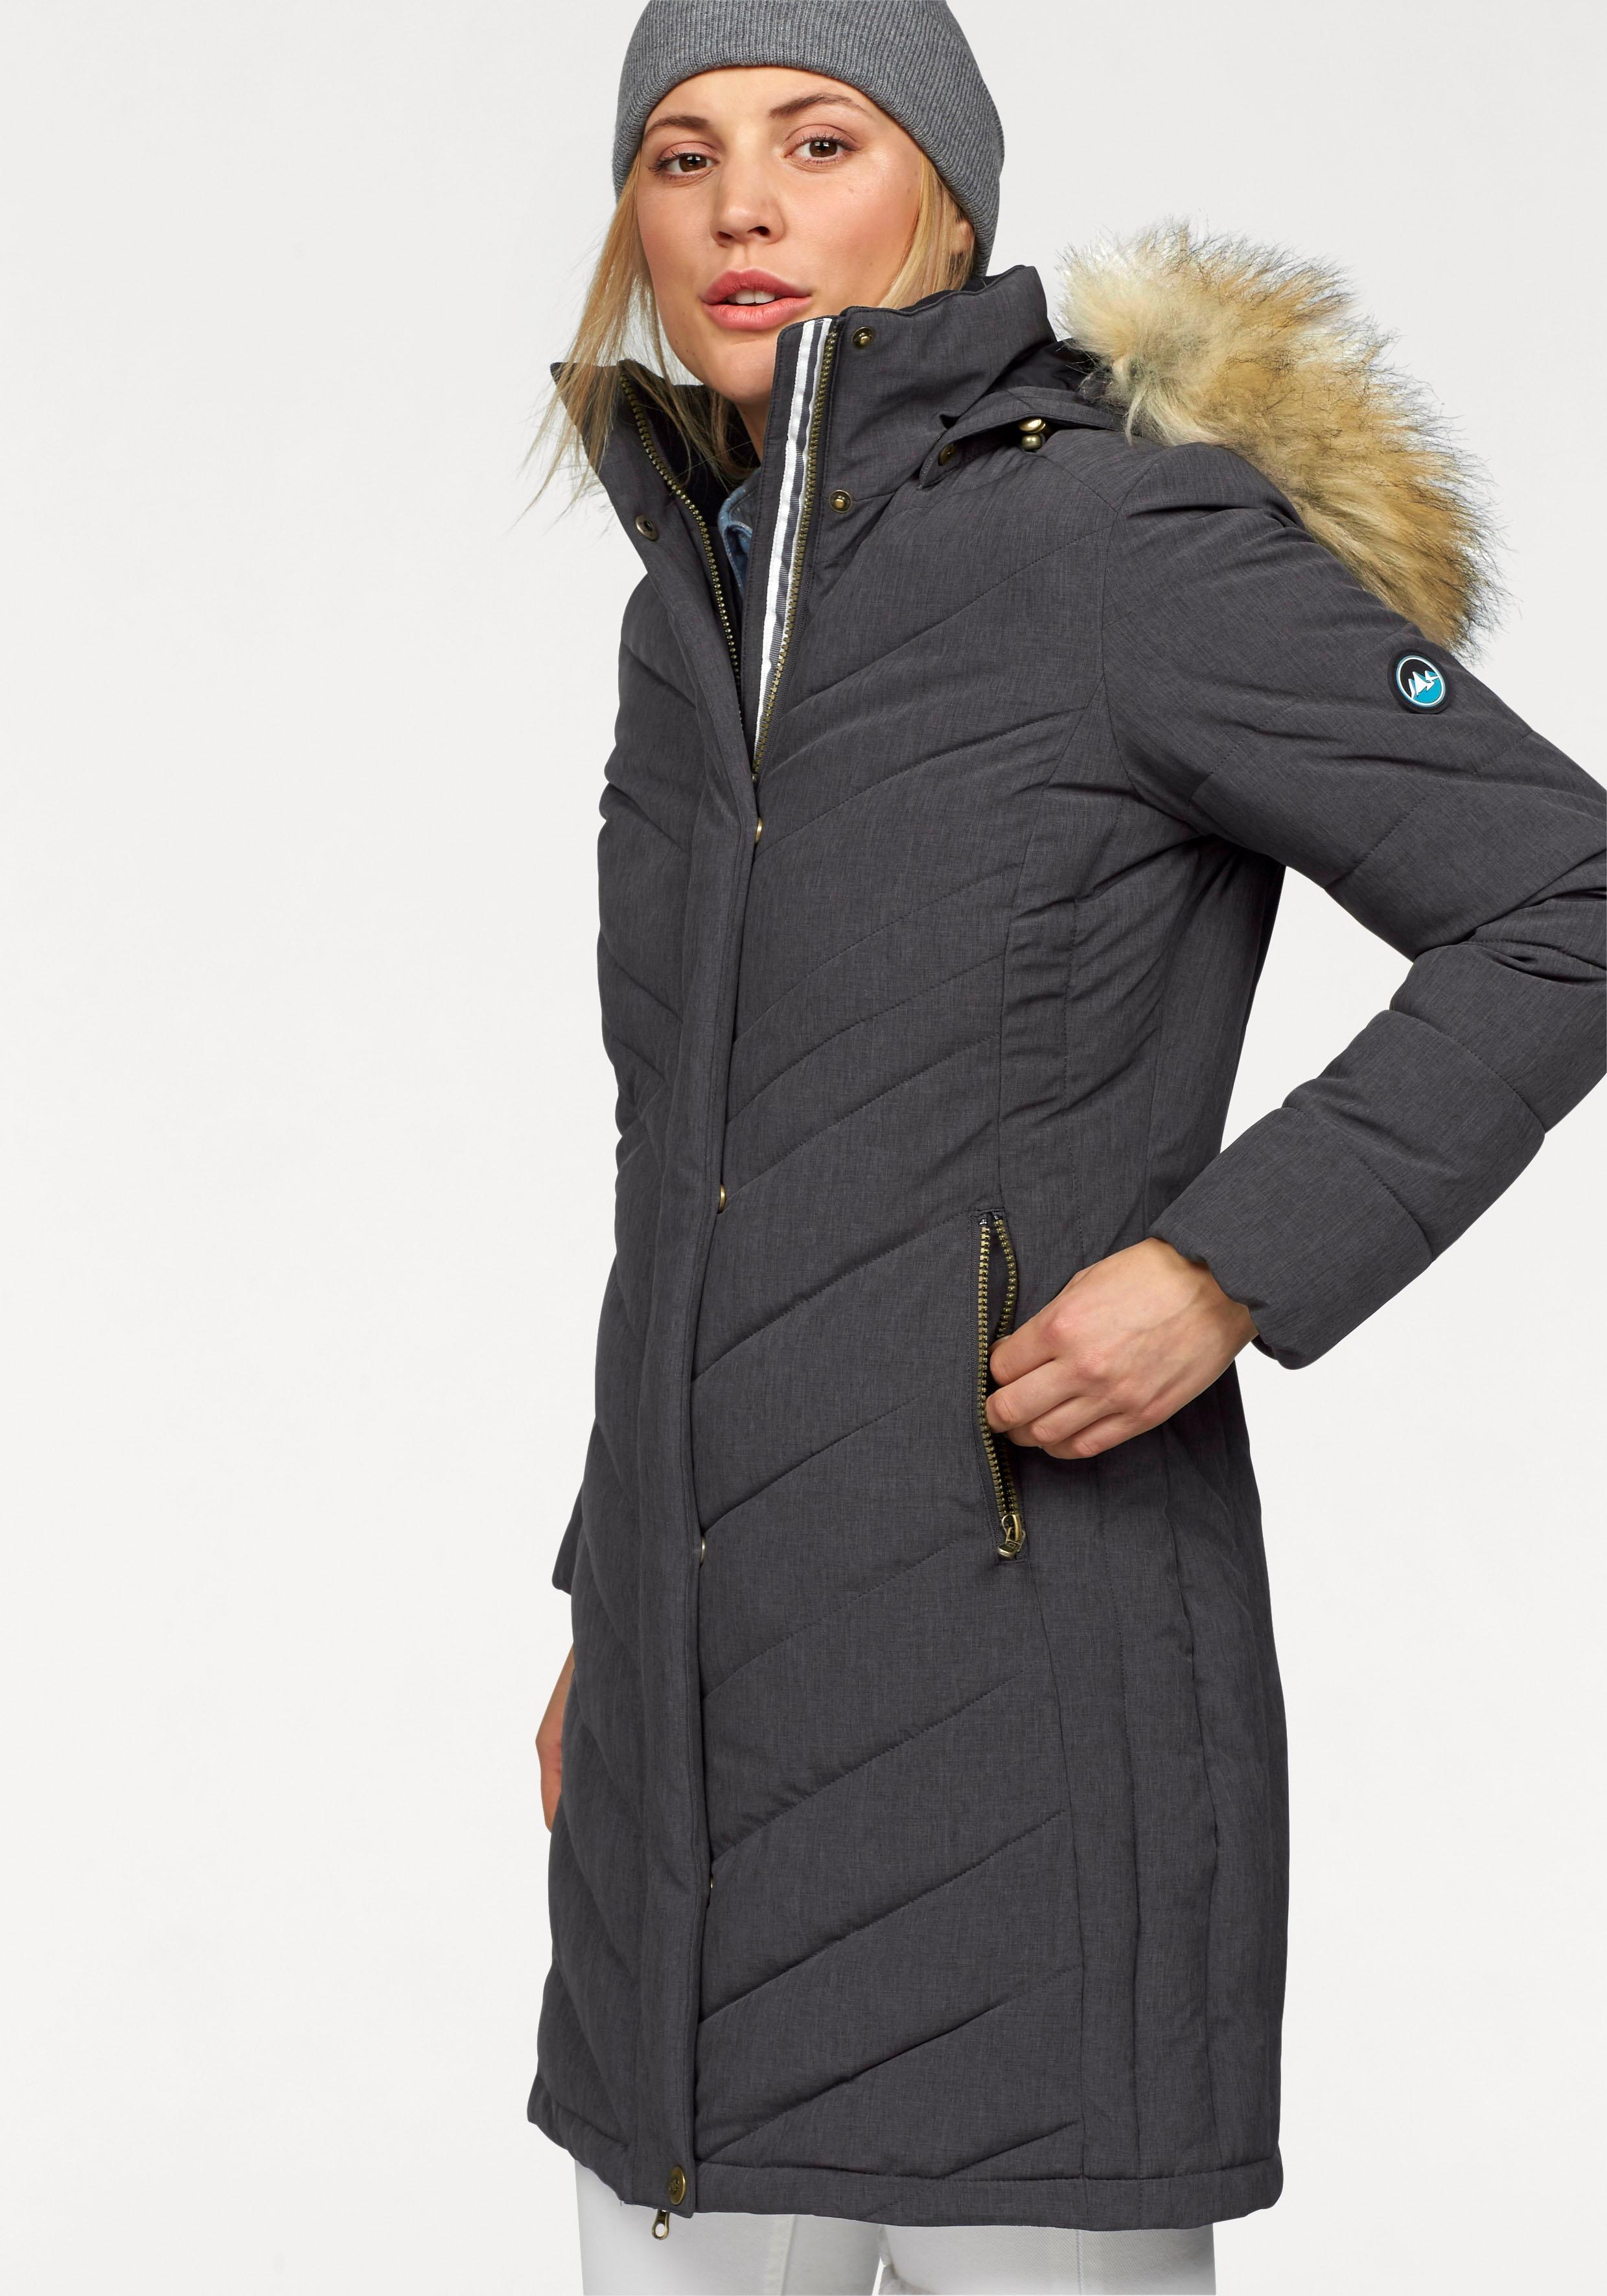 Polarino gewatteerde jas online kopen op otto.nl